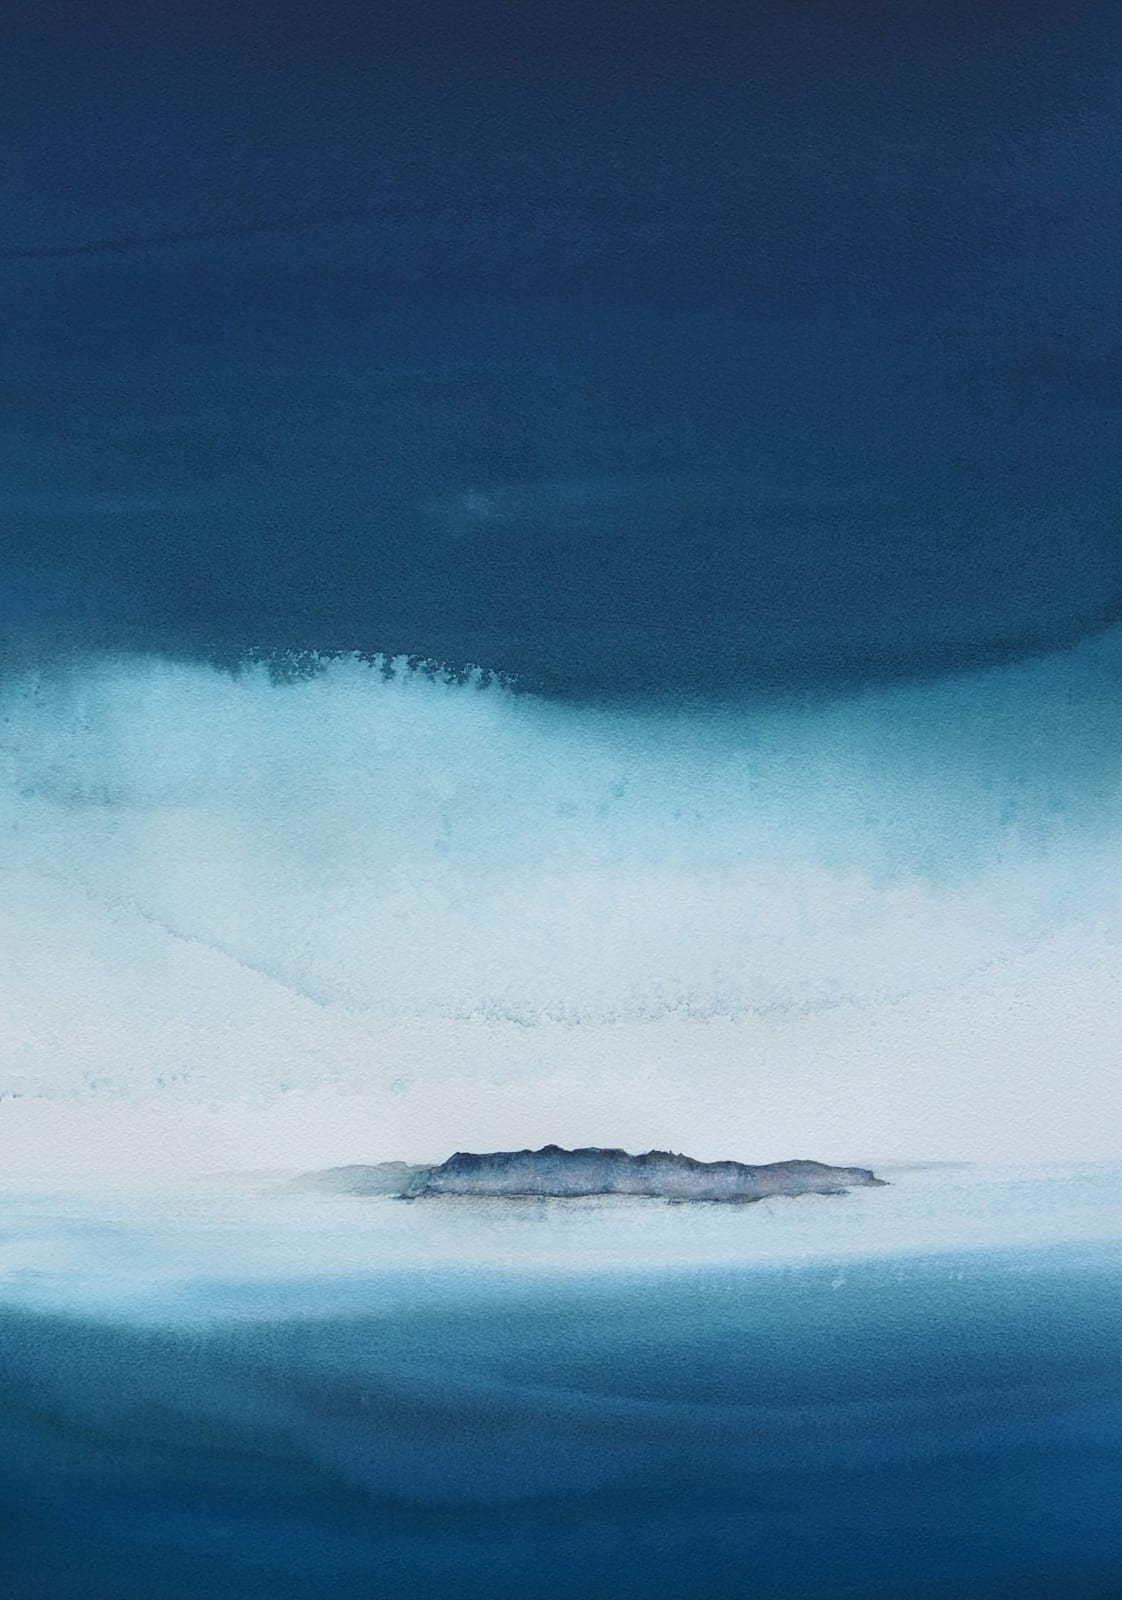 Susan Macintosh, Morning Rain, Cuillin Ridge, 2021